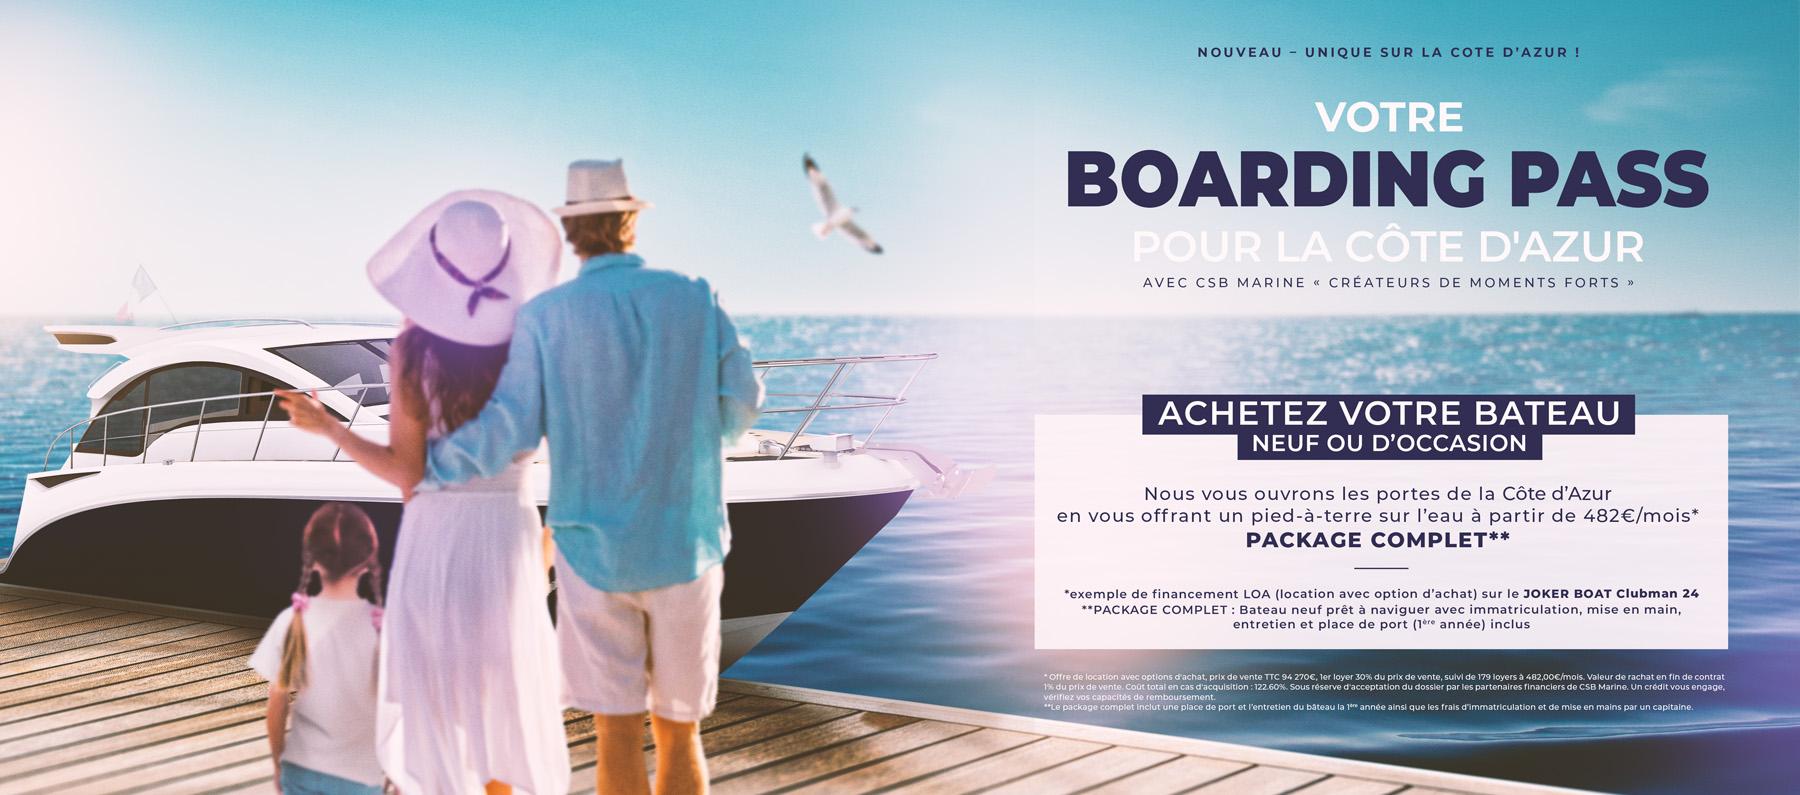 Boarding Pass LOA Joker Boat Clubman 24